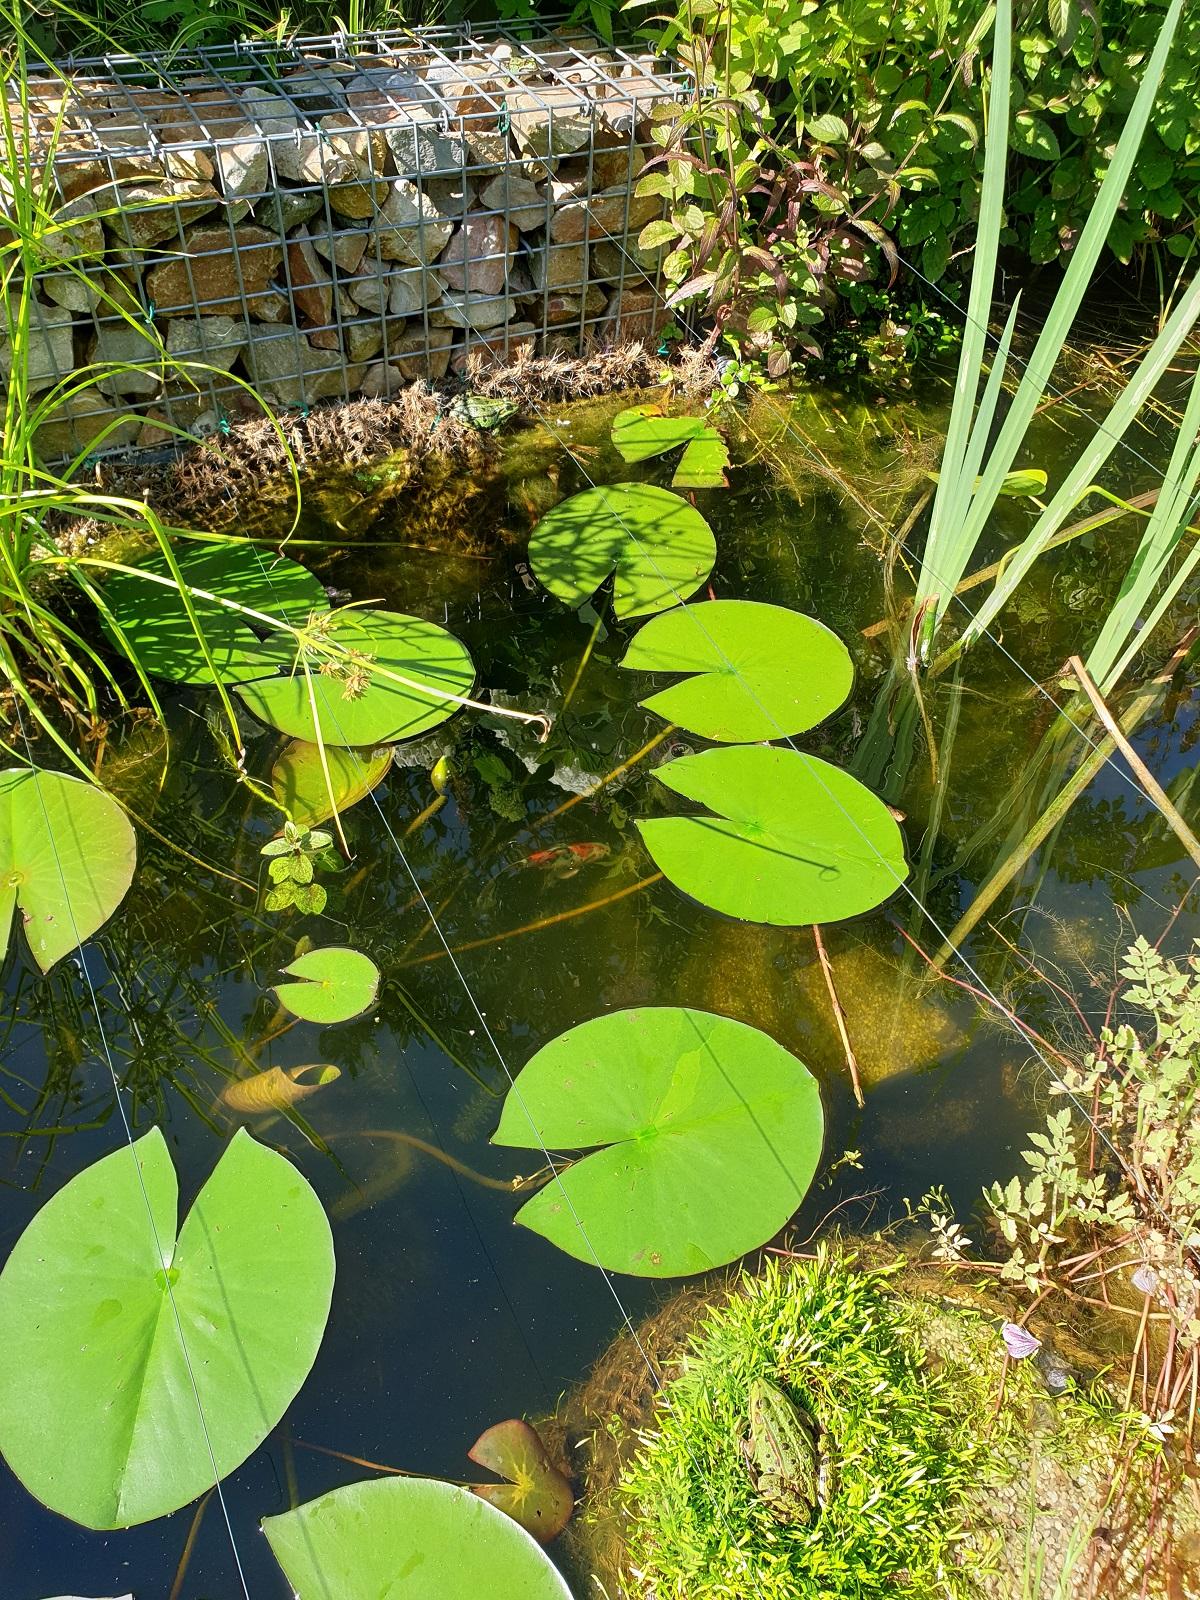 pondsarasafrogs.jpg